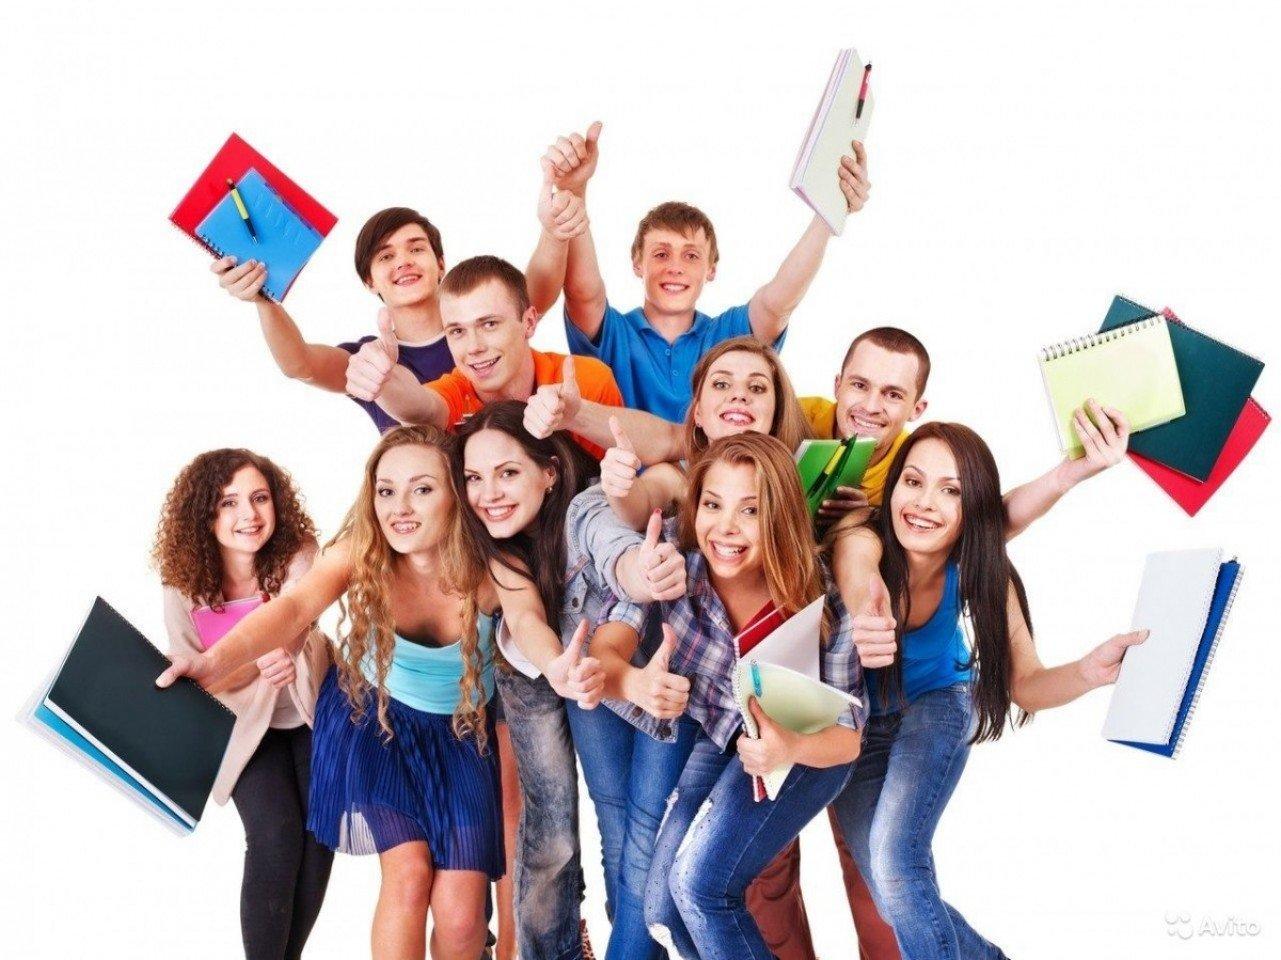 Департамент информационной политики Краснодарского края объявляет о проведении краевого конкурса творчества среди талантливой молодежи